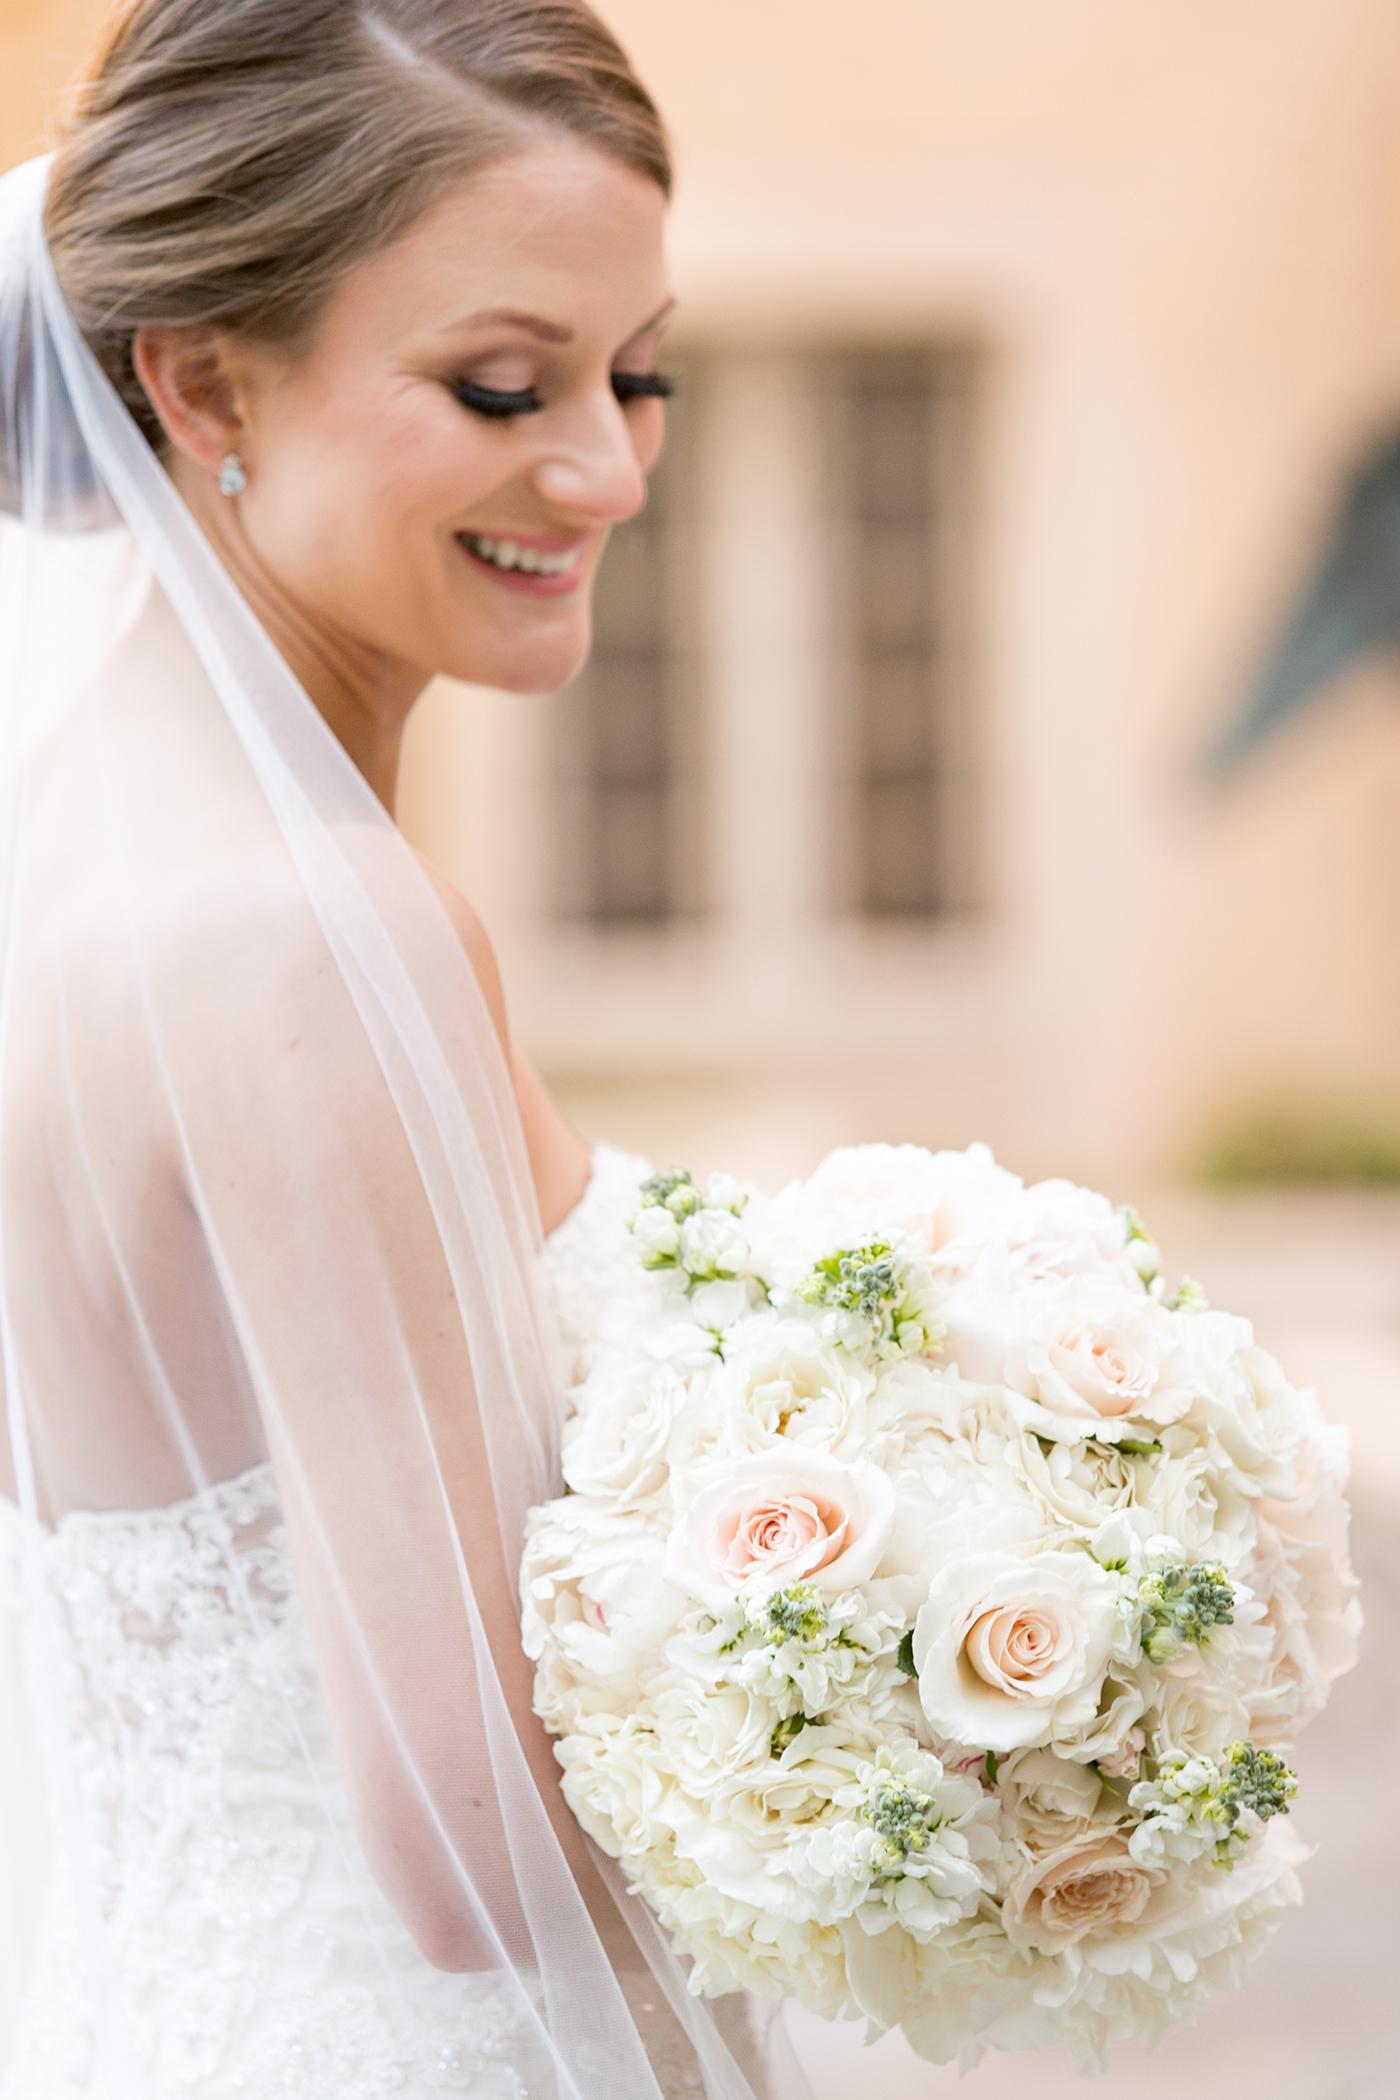 Dallas Wedding Planner - Allday Events - Classic Wedding at Dallas Scottish Rite - 31.jpg